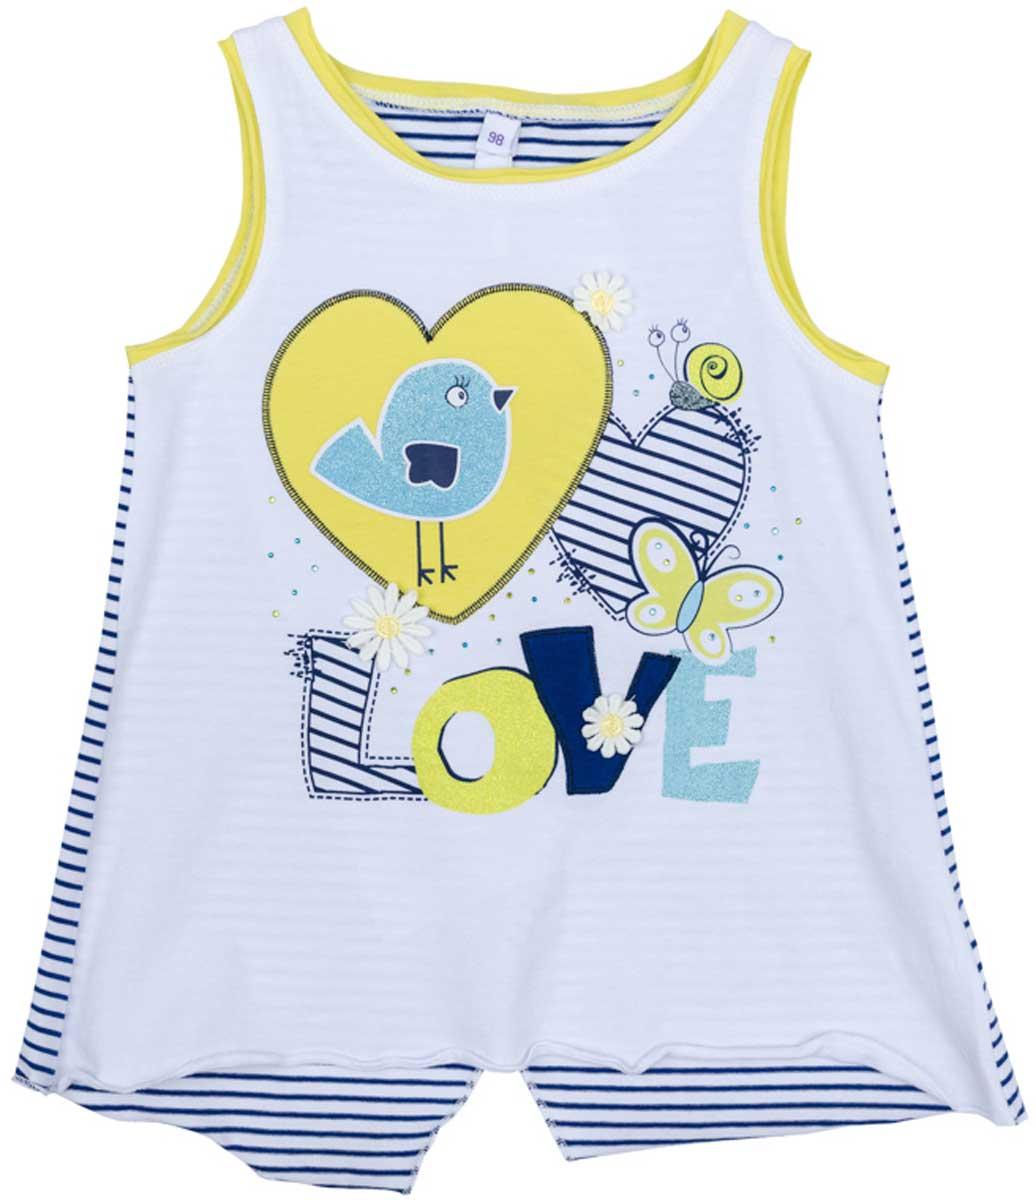 Майка172120Майка для девочки PlayToday кроя будет хорошим дополнением гардероба вашего ребенка. Приятная на ощупь ткань не вызывает раздражений и не сковывает движений ребенка. Яркий стильный принт является достойным украшением данного изделия.